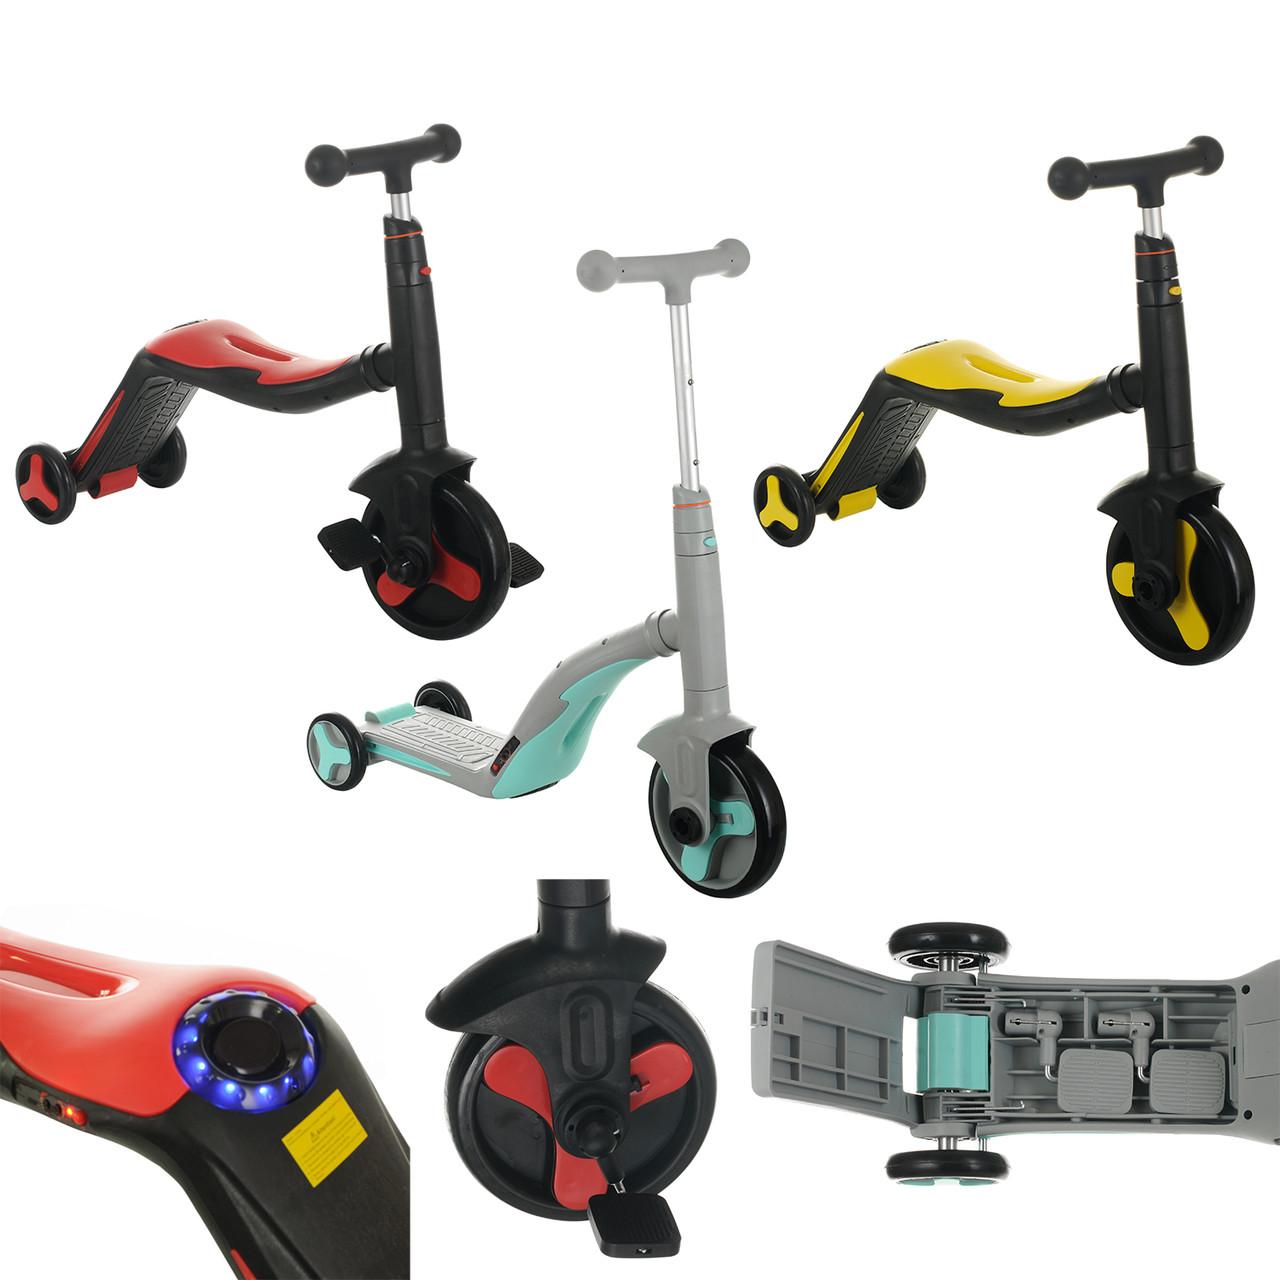 Самокат SL868 ,3 в 1-самокат,беговел,велосипед,колесо 200мм,музыка,подсветка